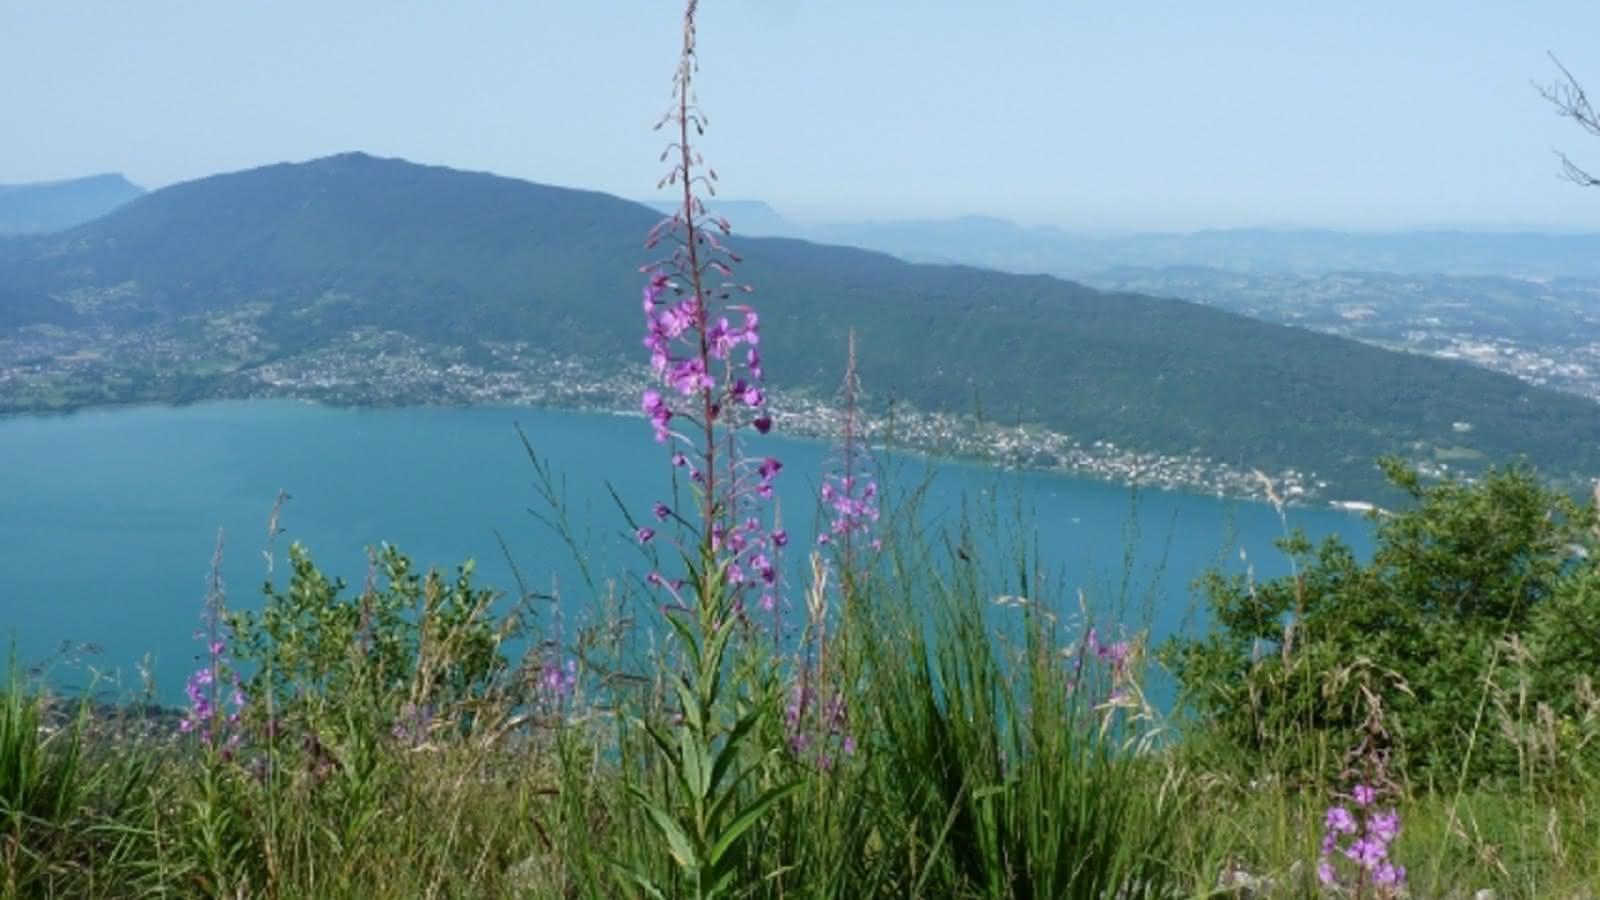 Vue sur le lac  annecy depuis le Mont Veyrier